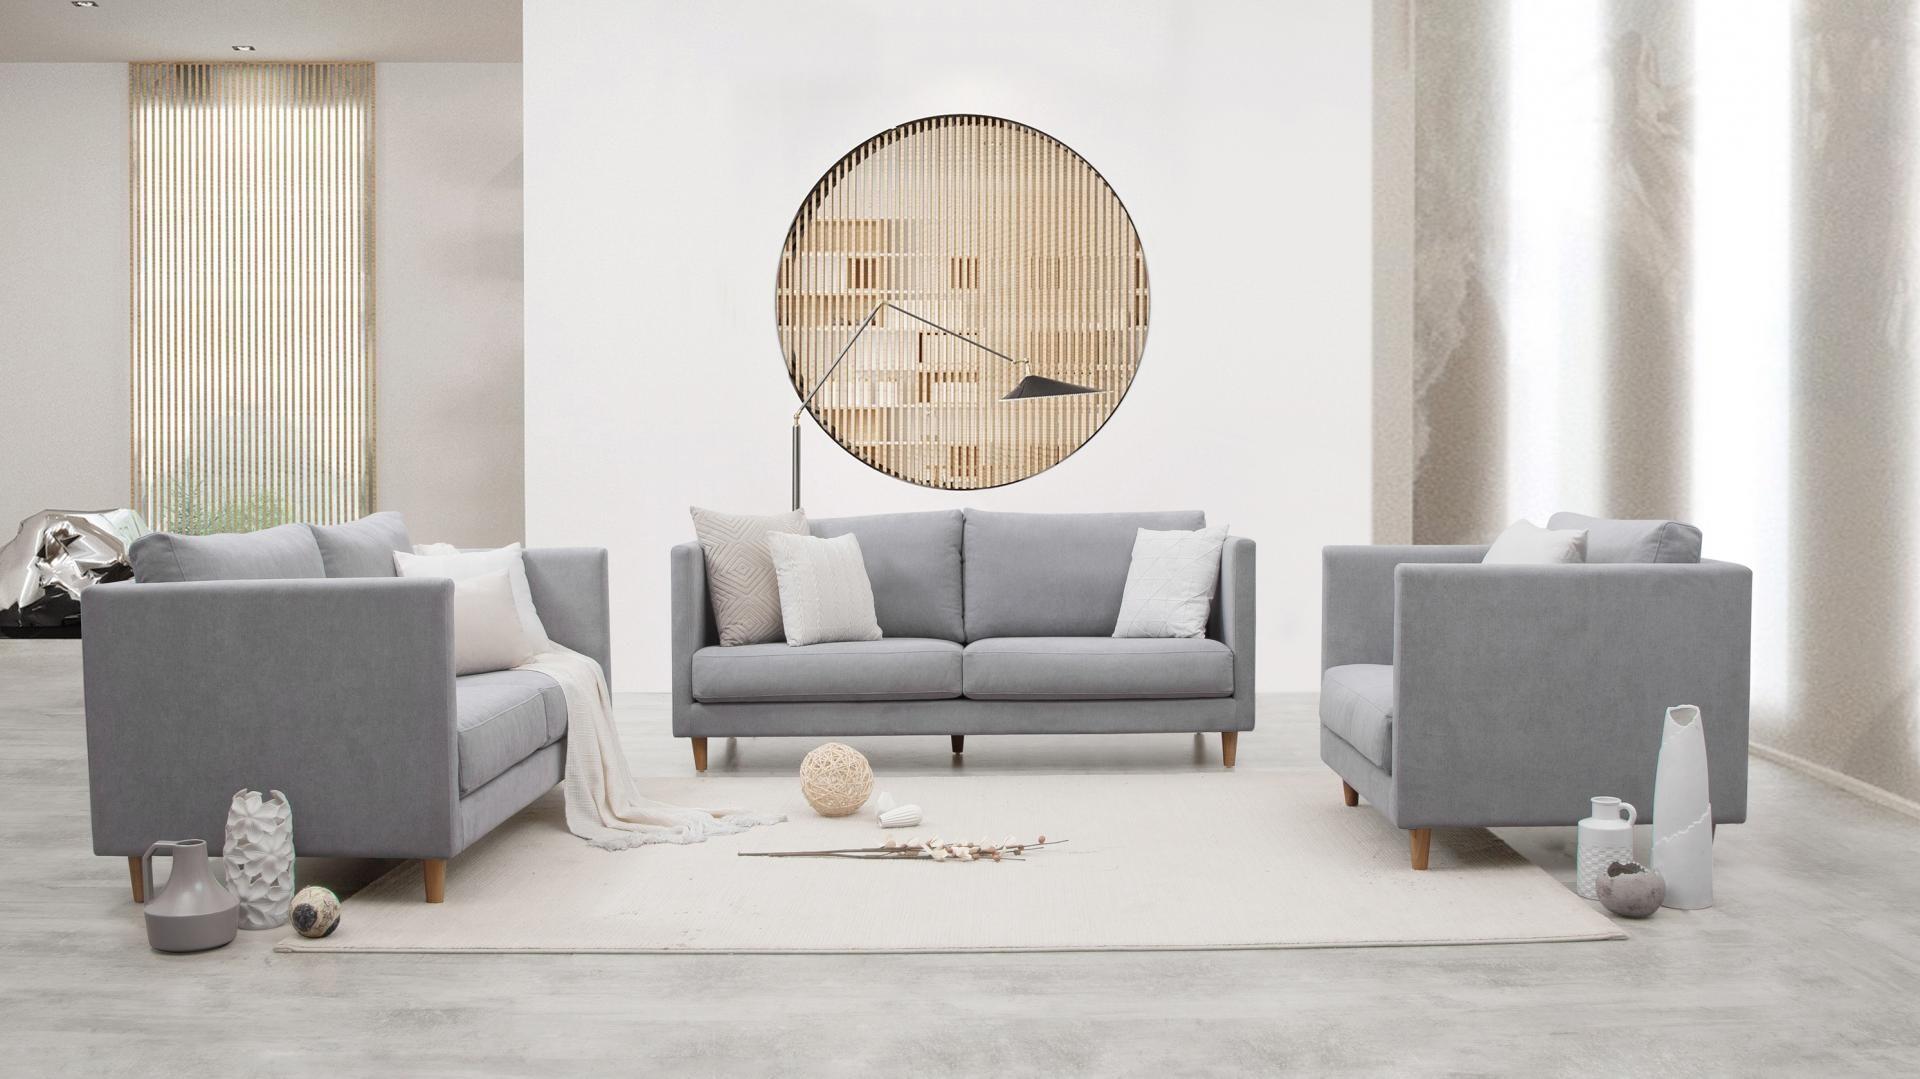 halley sofa suite 3 2 1. Black Bedroom Furniture Sets. Home Design Ideas